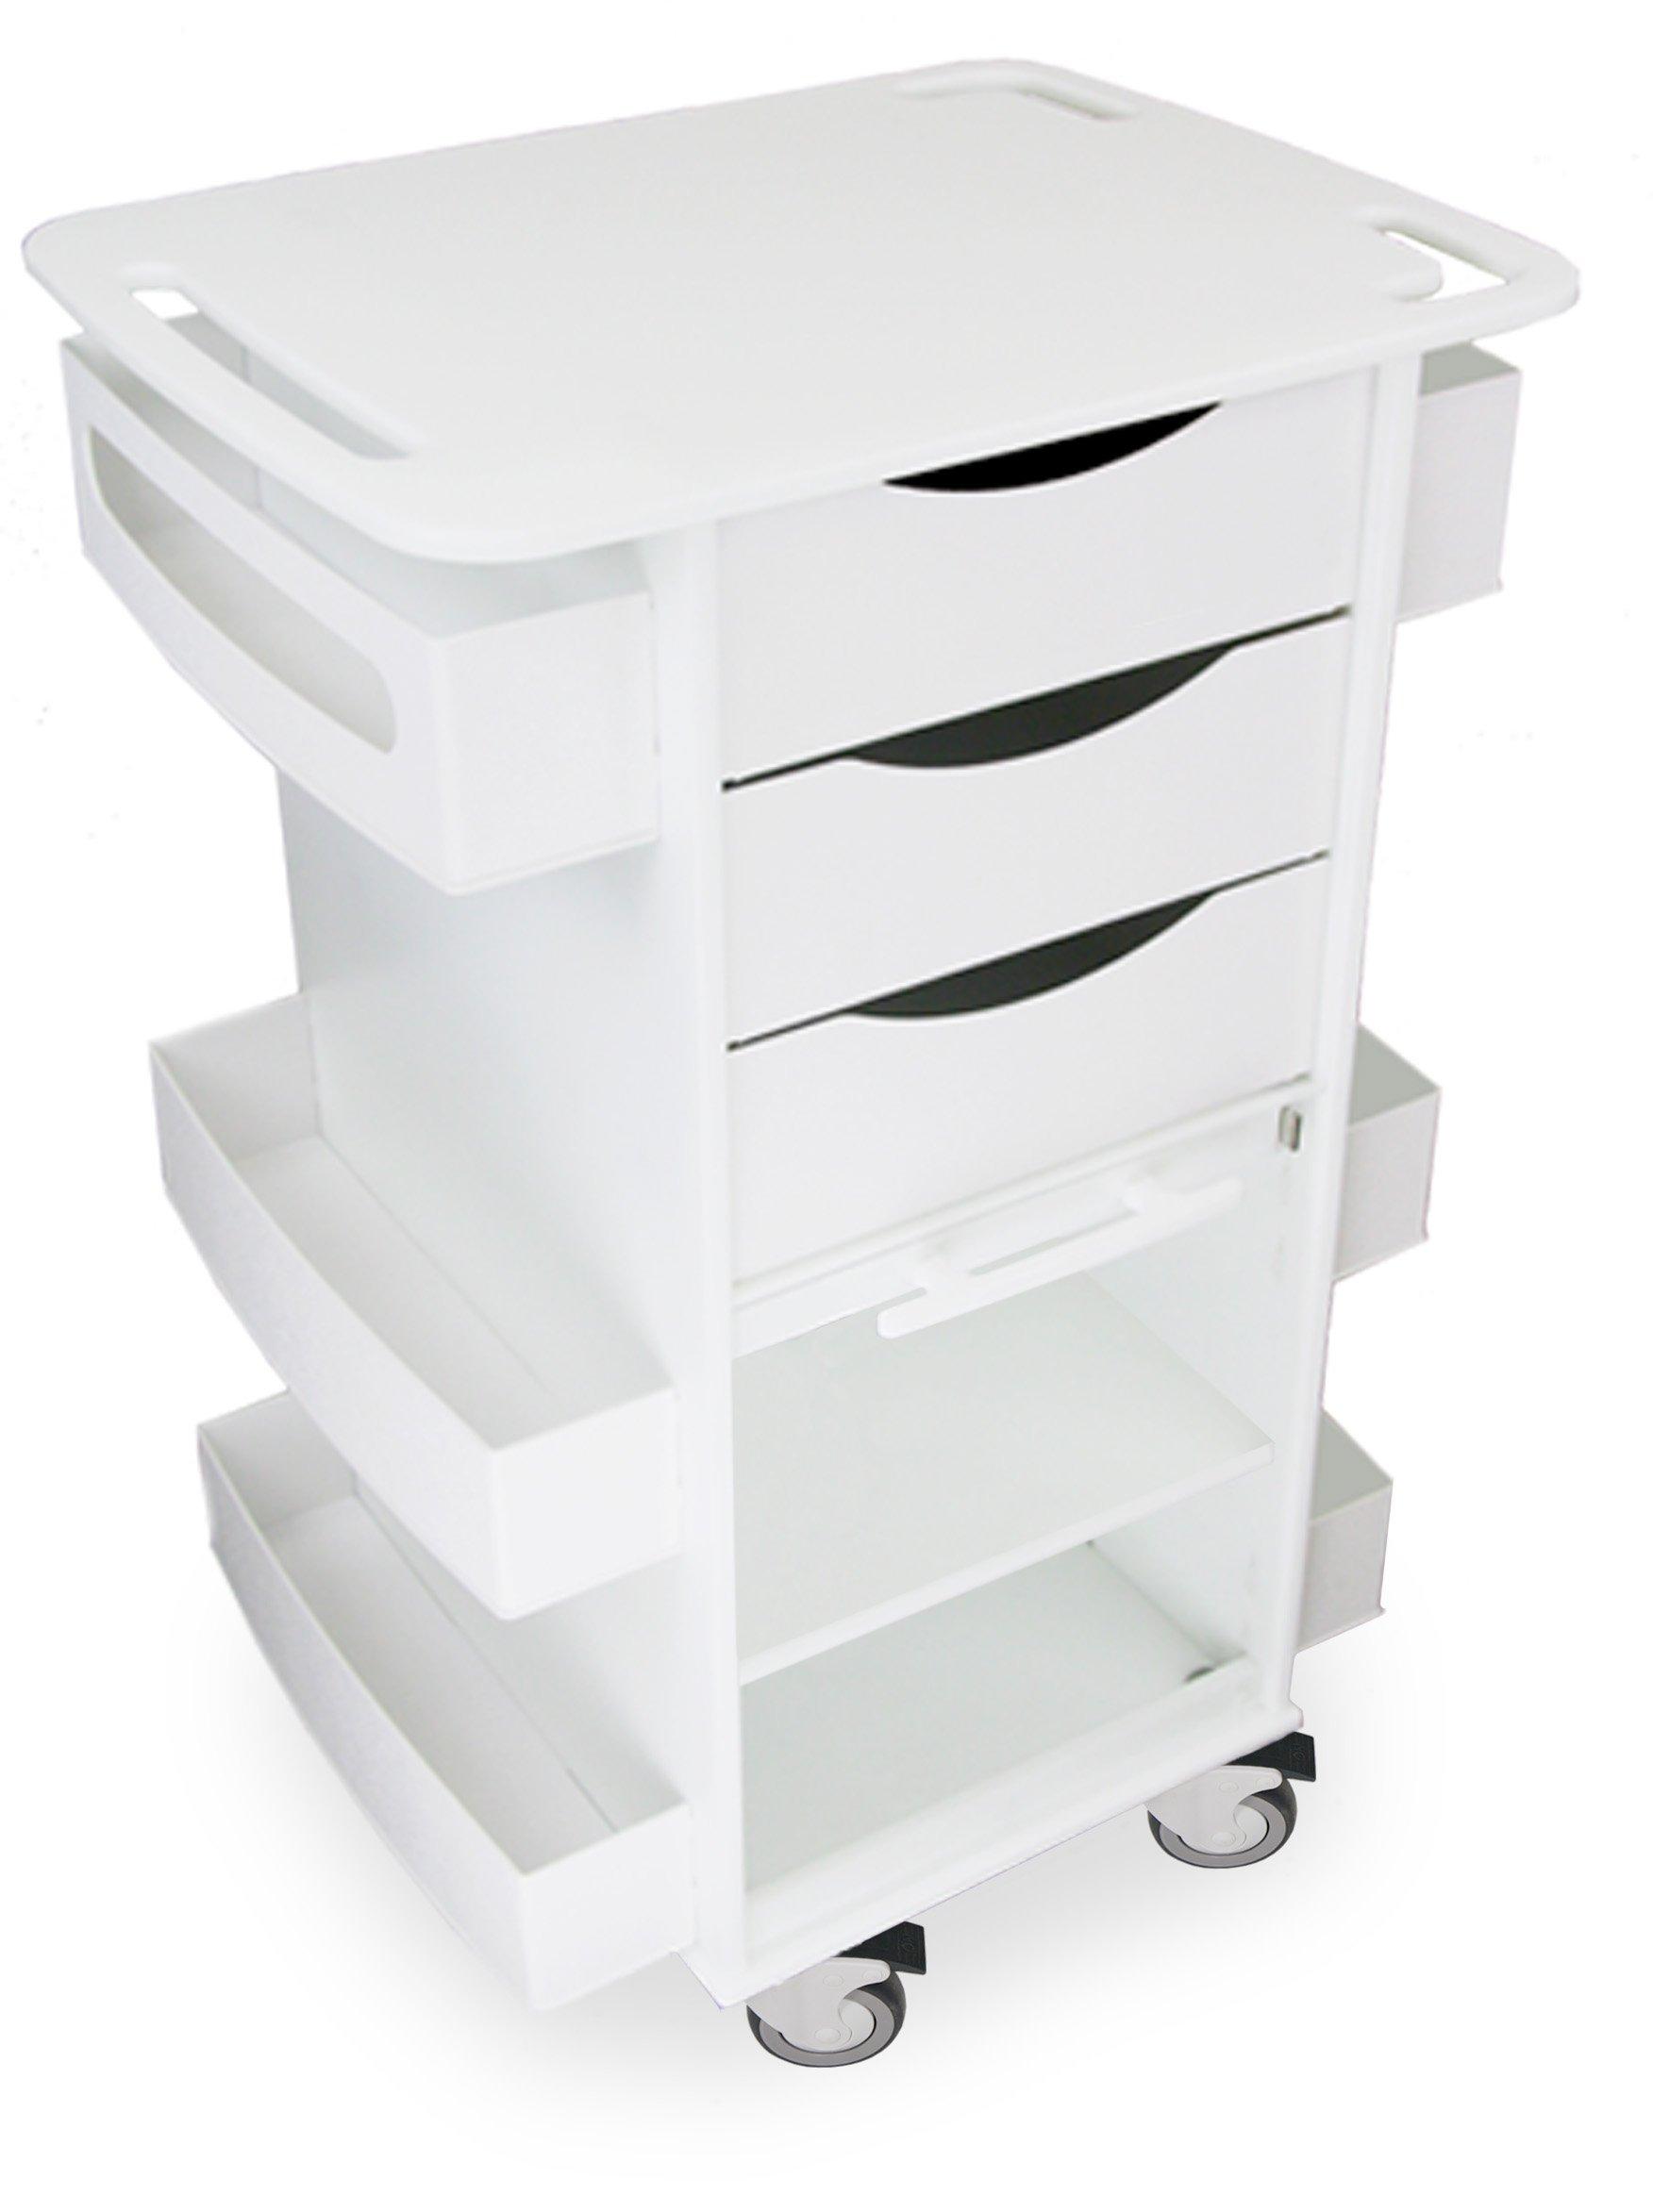 TrippNT 59004 Polyethylene Core DX Lab Cart with Extra Shelf in Bulk Storage Area, 23'' Width x 35'' Height x 18'' Depth, White